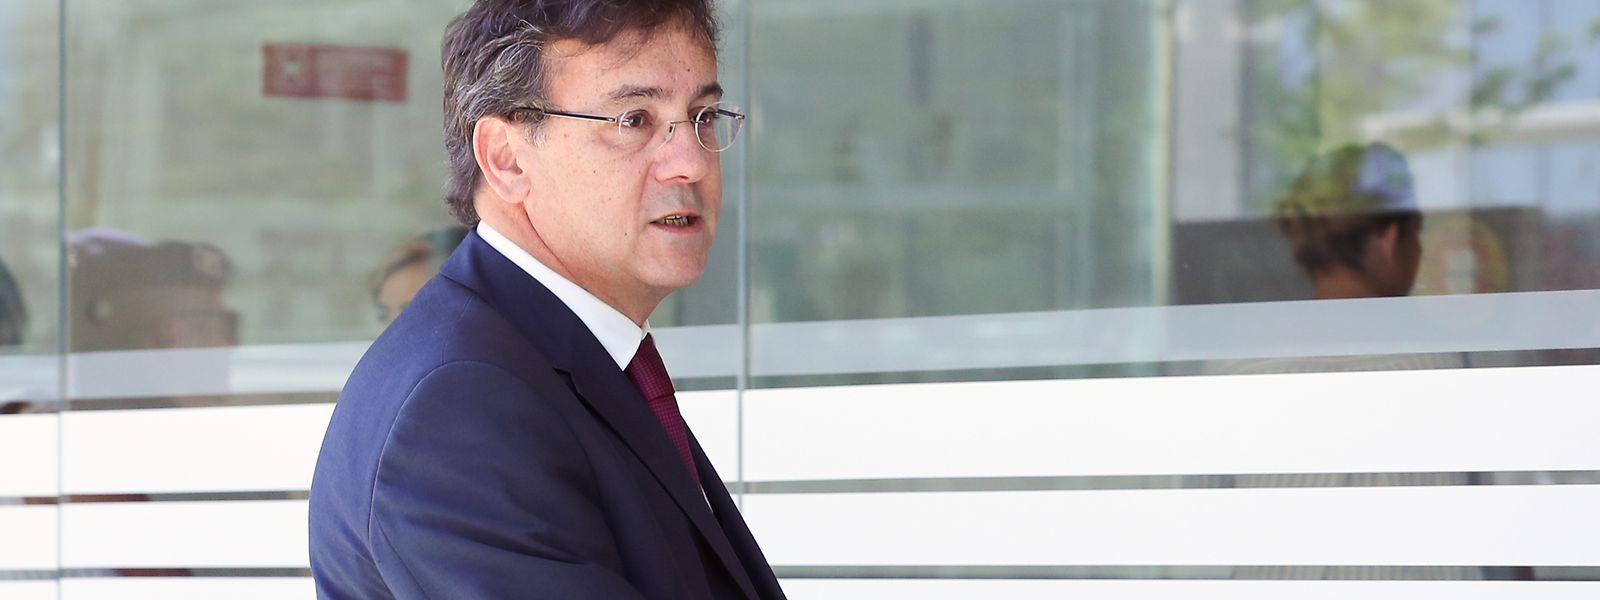 Miguel Matias, advogado dos arguidos do caso da invasão a Alcochete à chegada para o início da fase de instrução do processo do ataque à Academia do Sporting, em Alcochete, no Campus da Justiça, no Parque das Nações, em Lisboa.